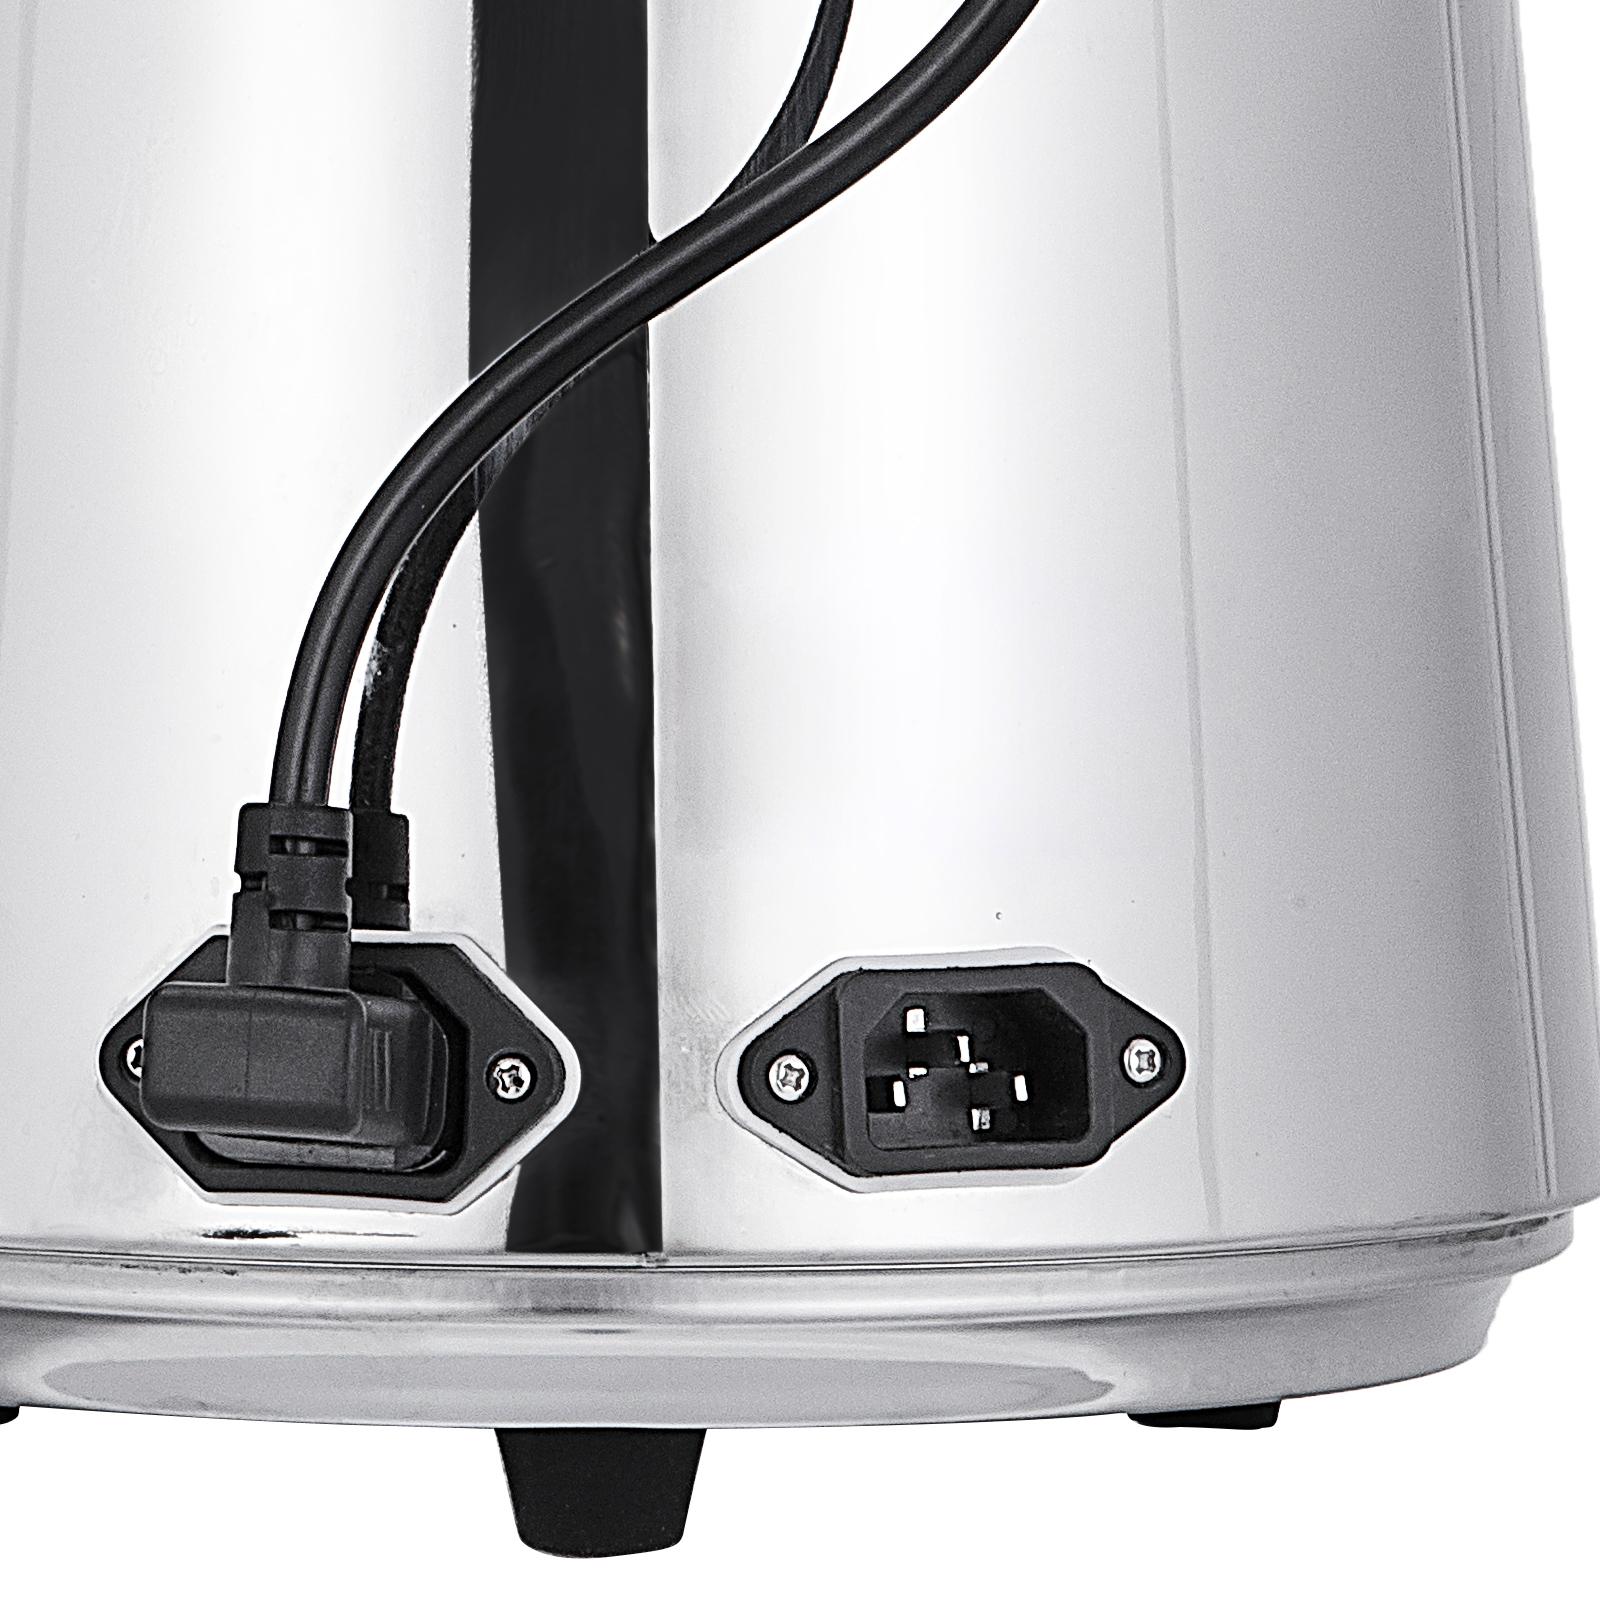 750W-4L-Wasser-Destilliergeraet-Water-Distiller-Einmachglas-Wasserflasche-Zuhause Indexbild 34